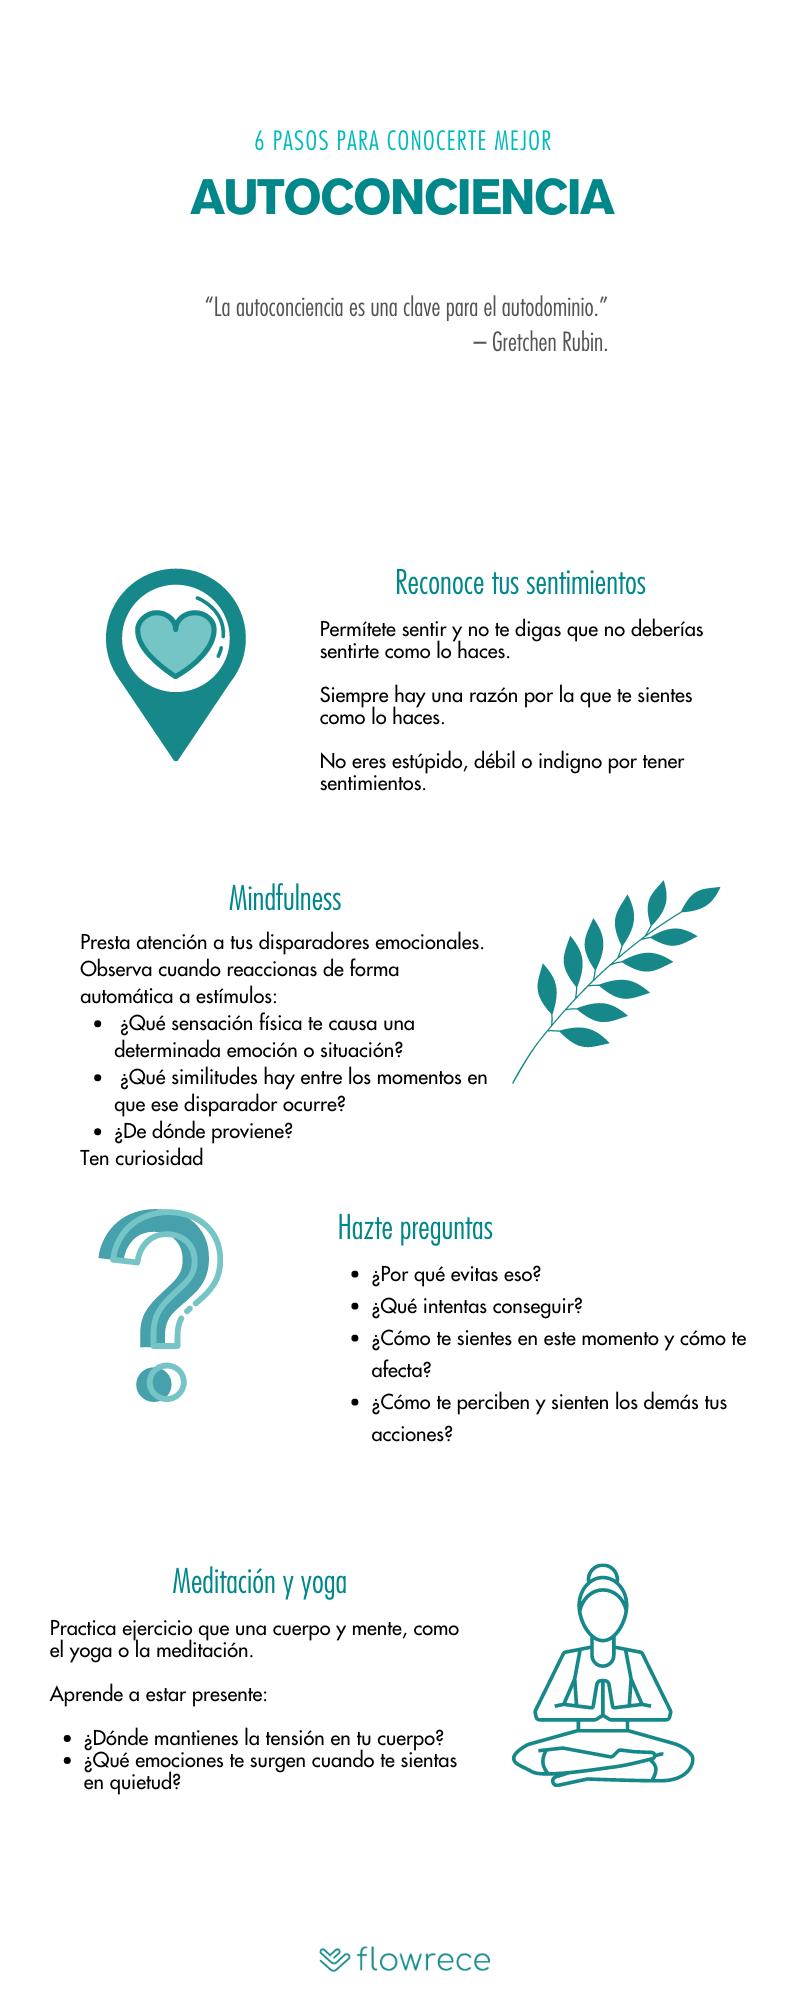 infografia de mindfulness sobre la autoconciencia, pasos y ejercicios para conocerte mejor